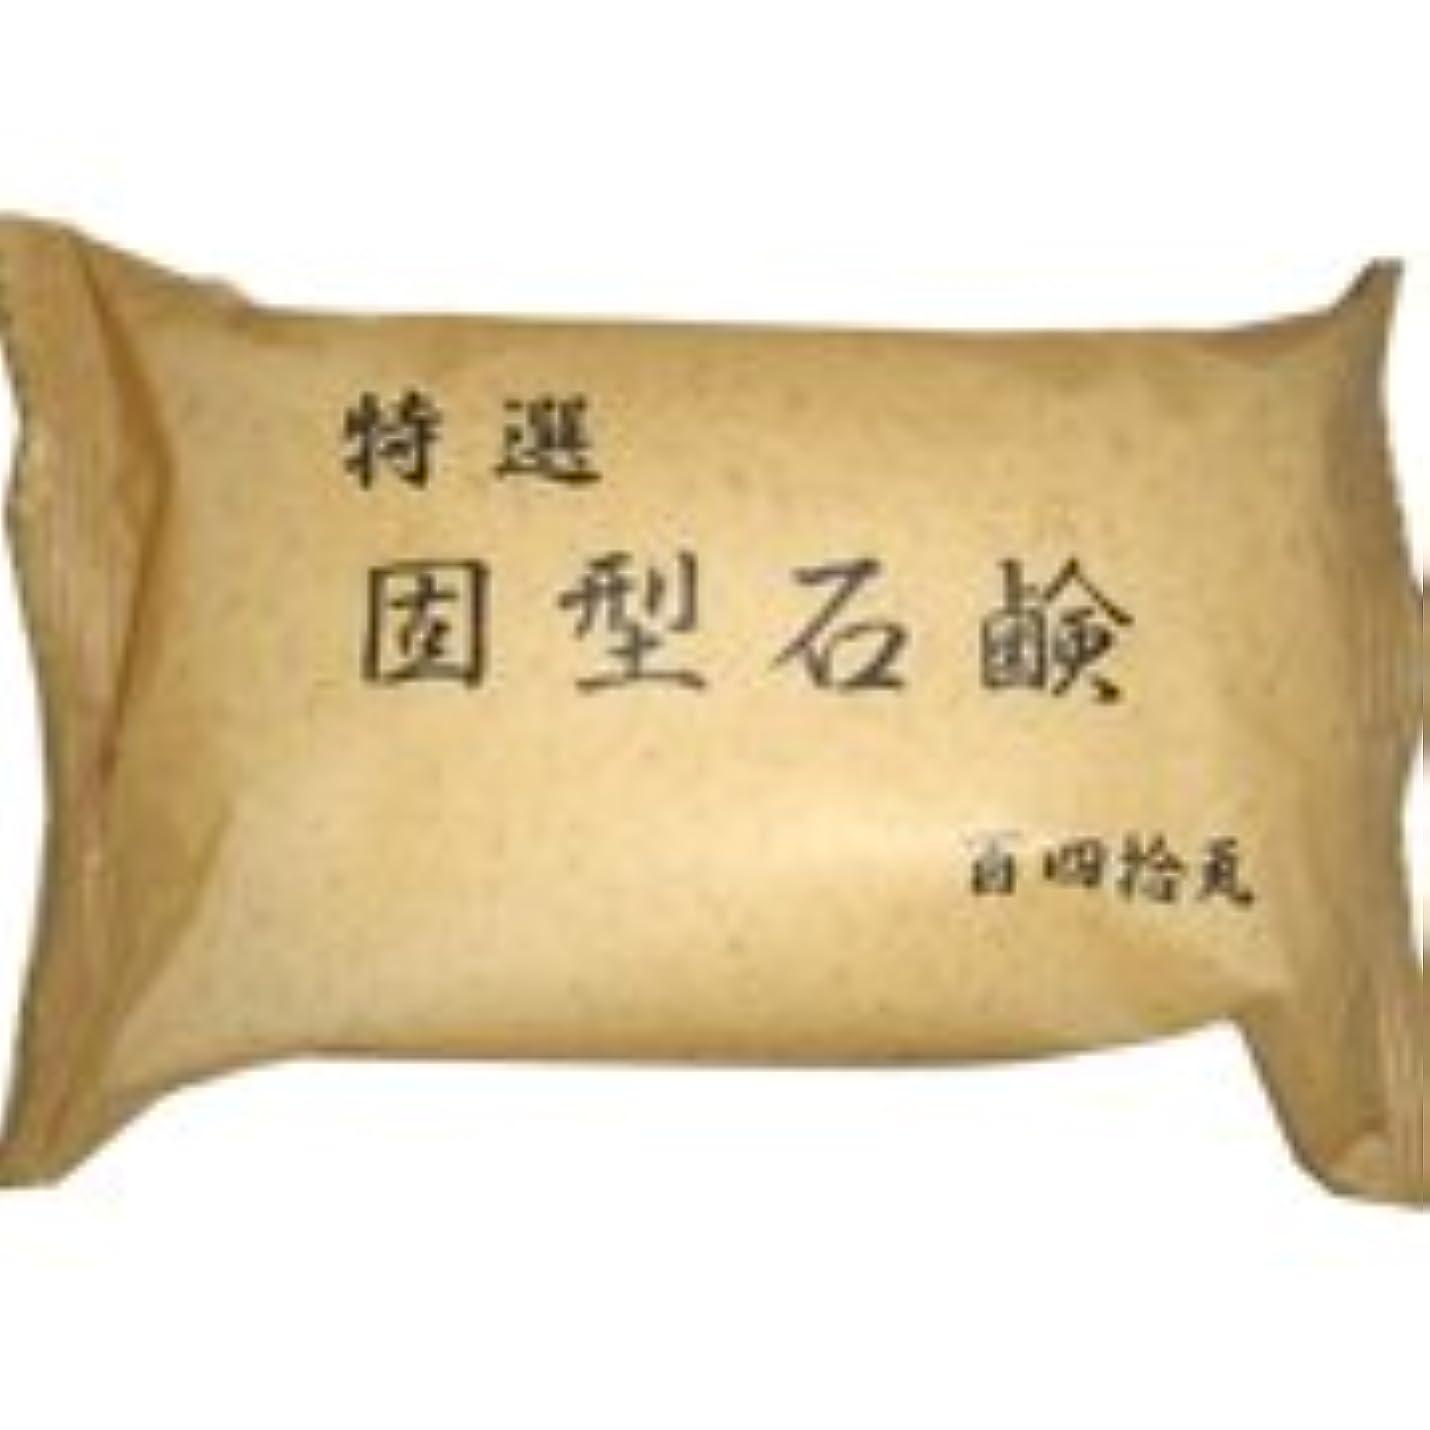 サイクロプス融合砂特選 固型石鹸 140g    エスケー石鹸